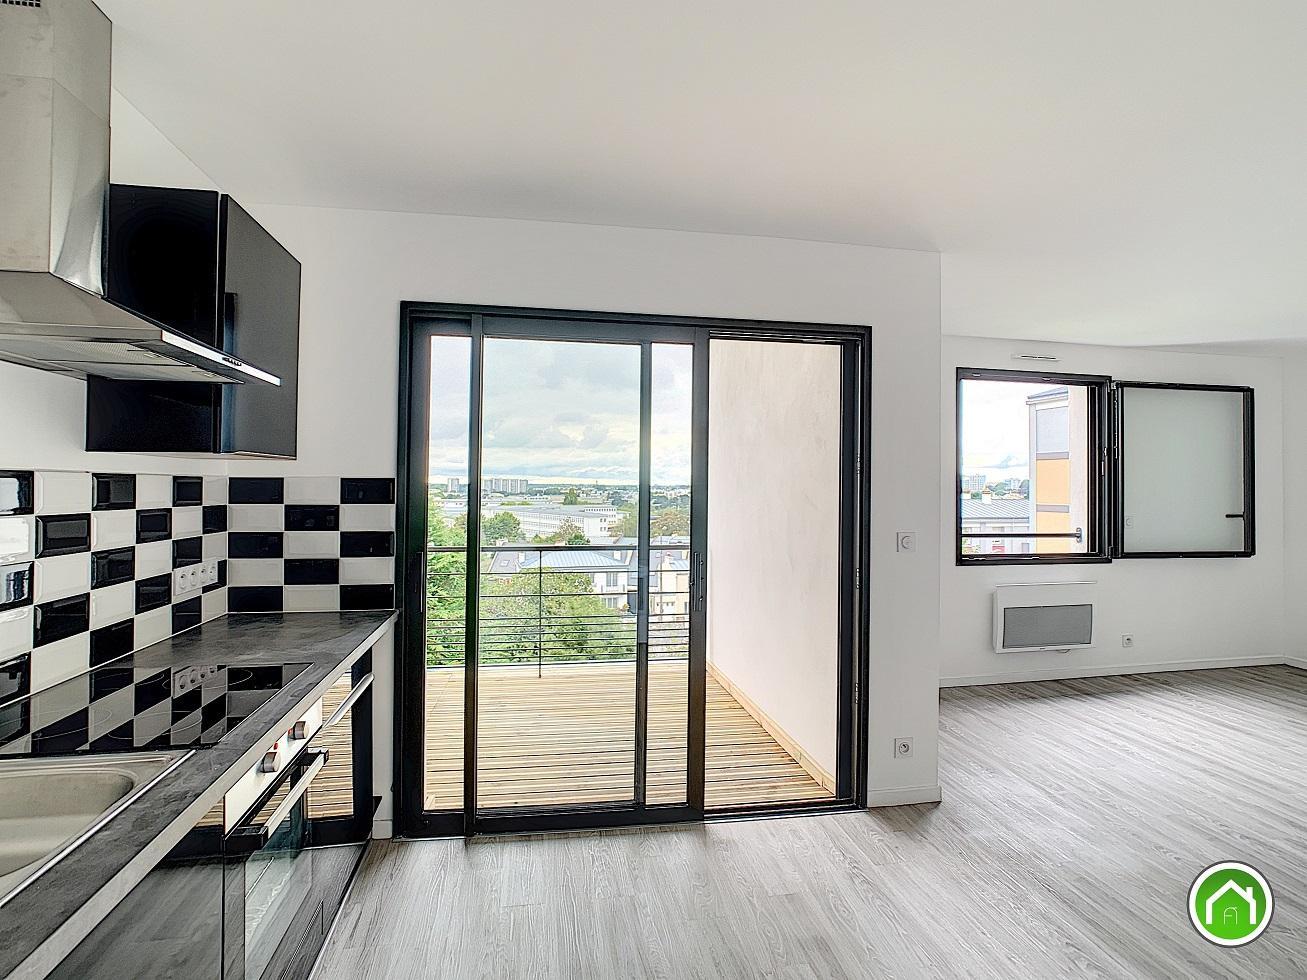 BREST : ravissant appartement T2 neuf avec grande terrasse et vue dégagée